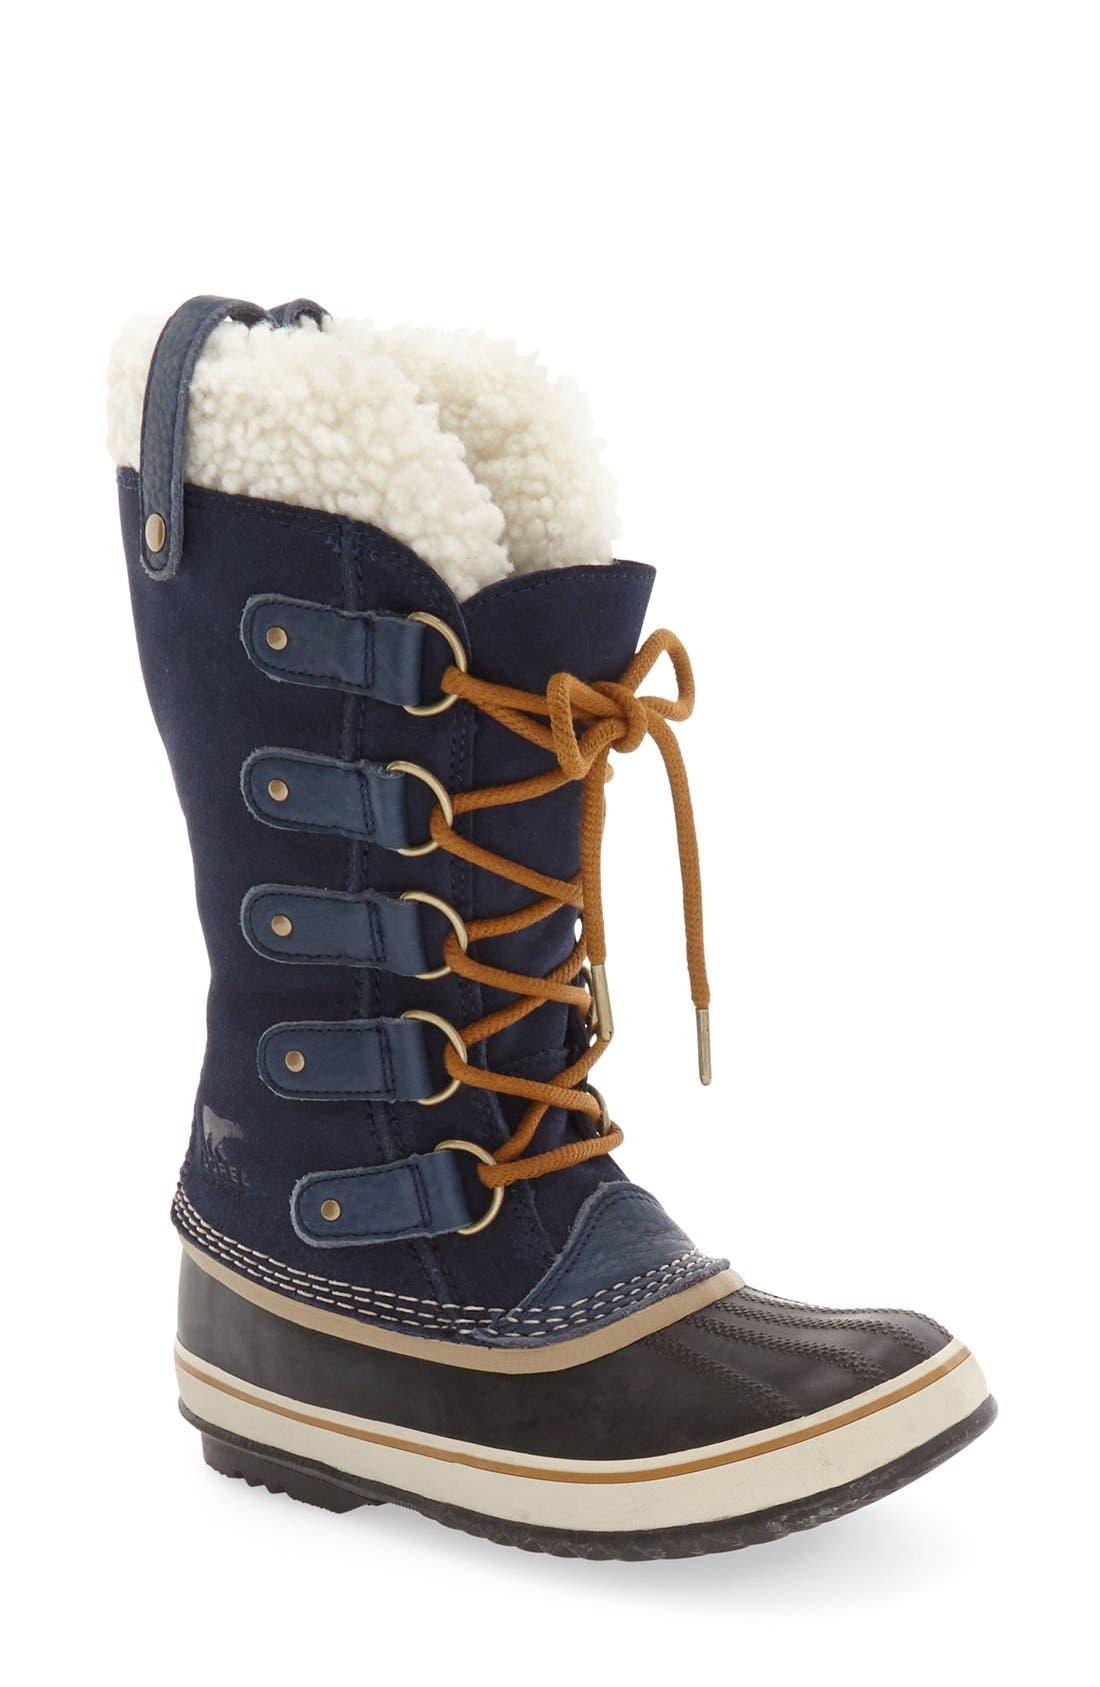 Alternate Image 1 Selected - SOREL Joan of Arctic Genuine Shearling Waterproof Boot (Women) (Regular Retail Price: $219.95)